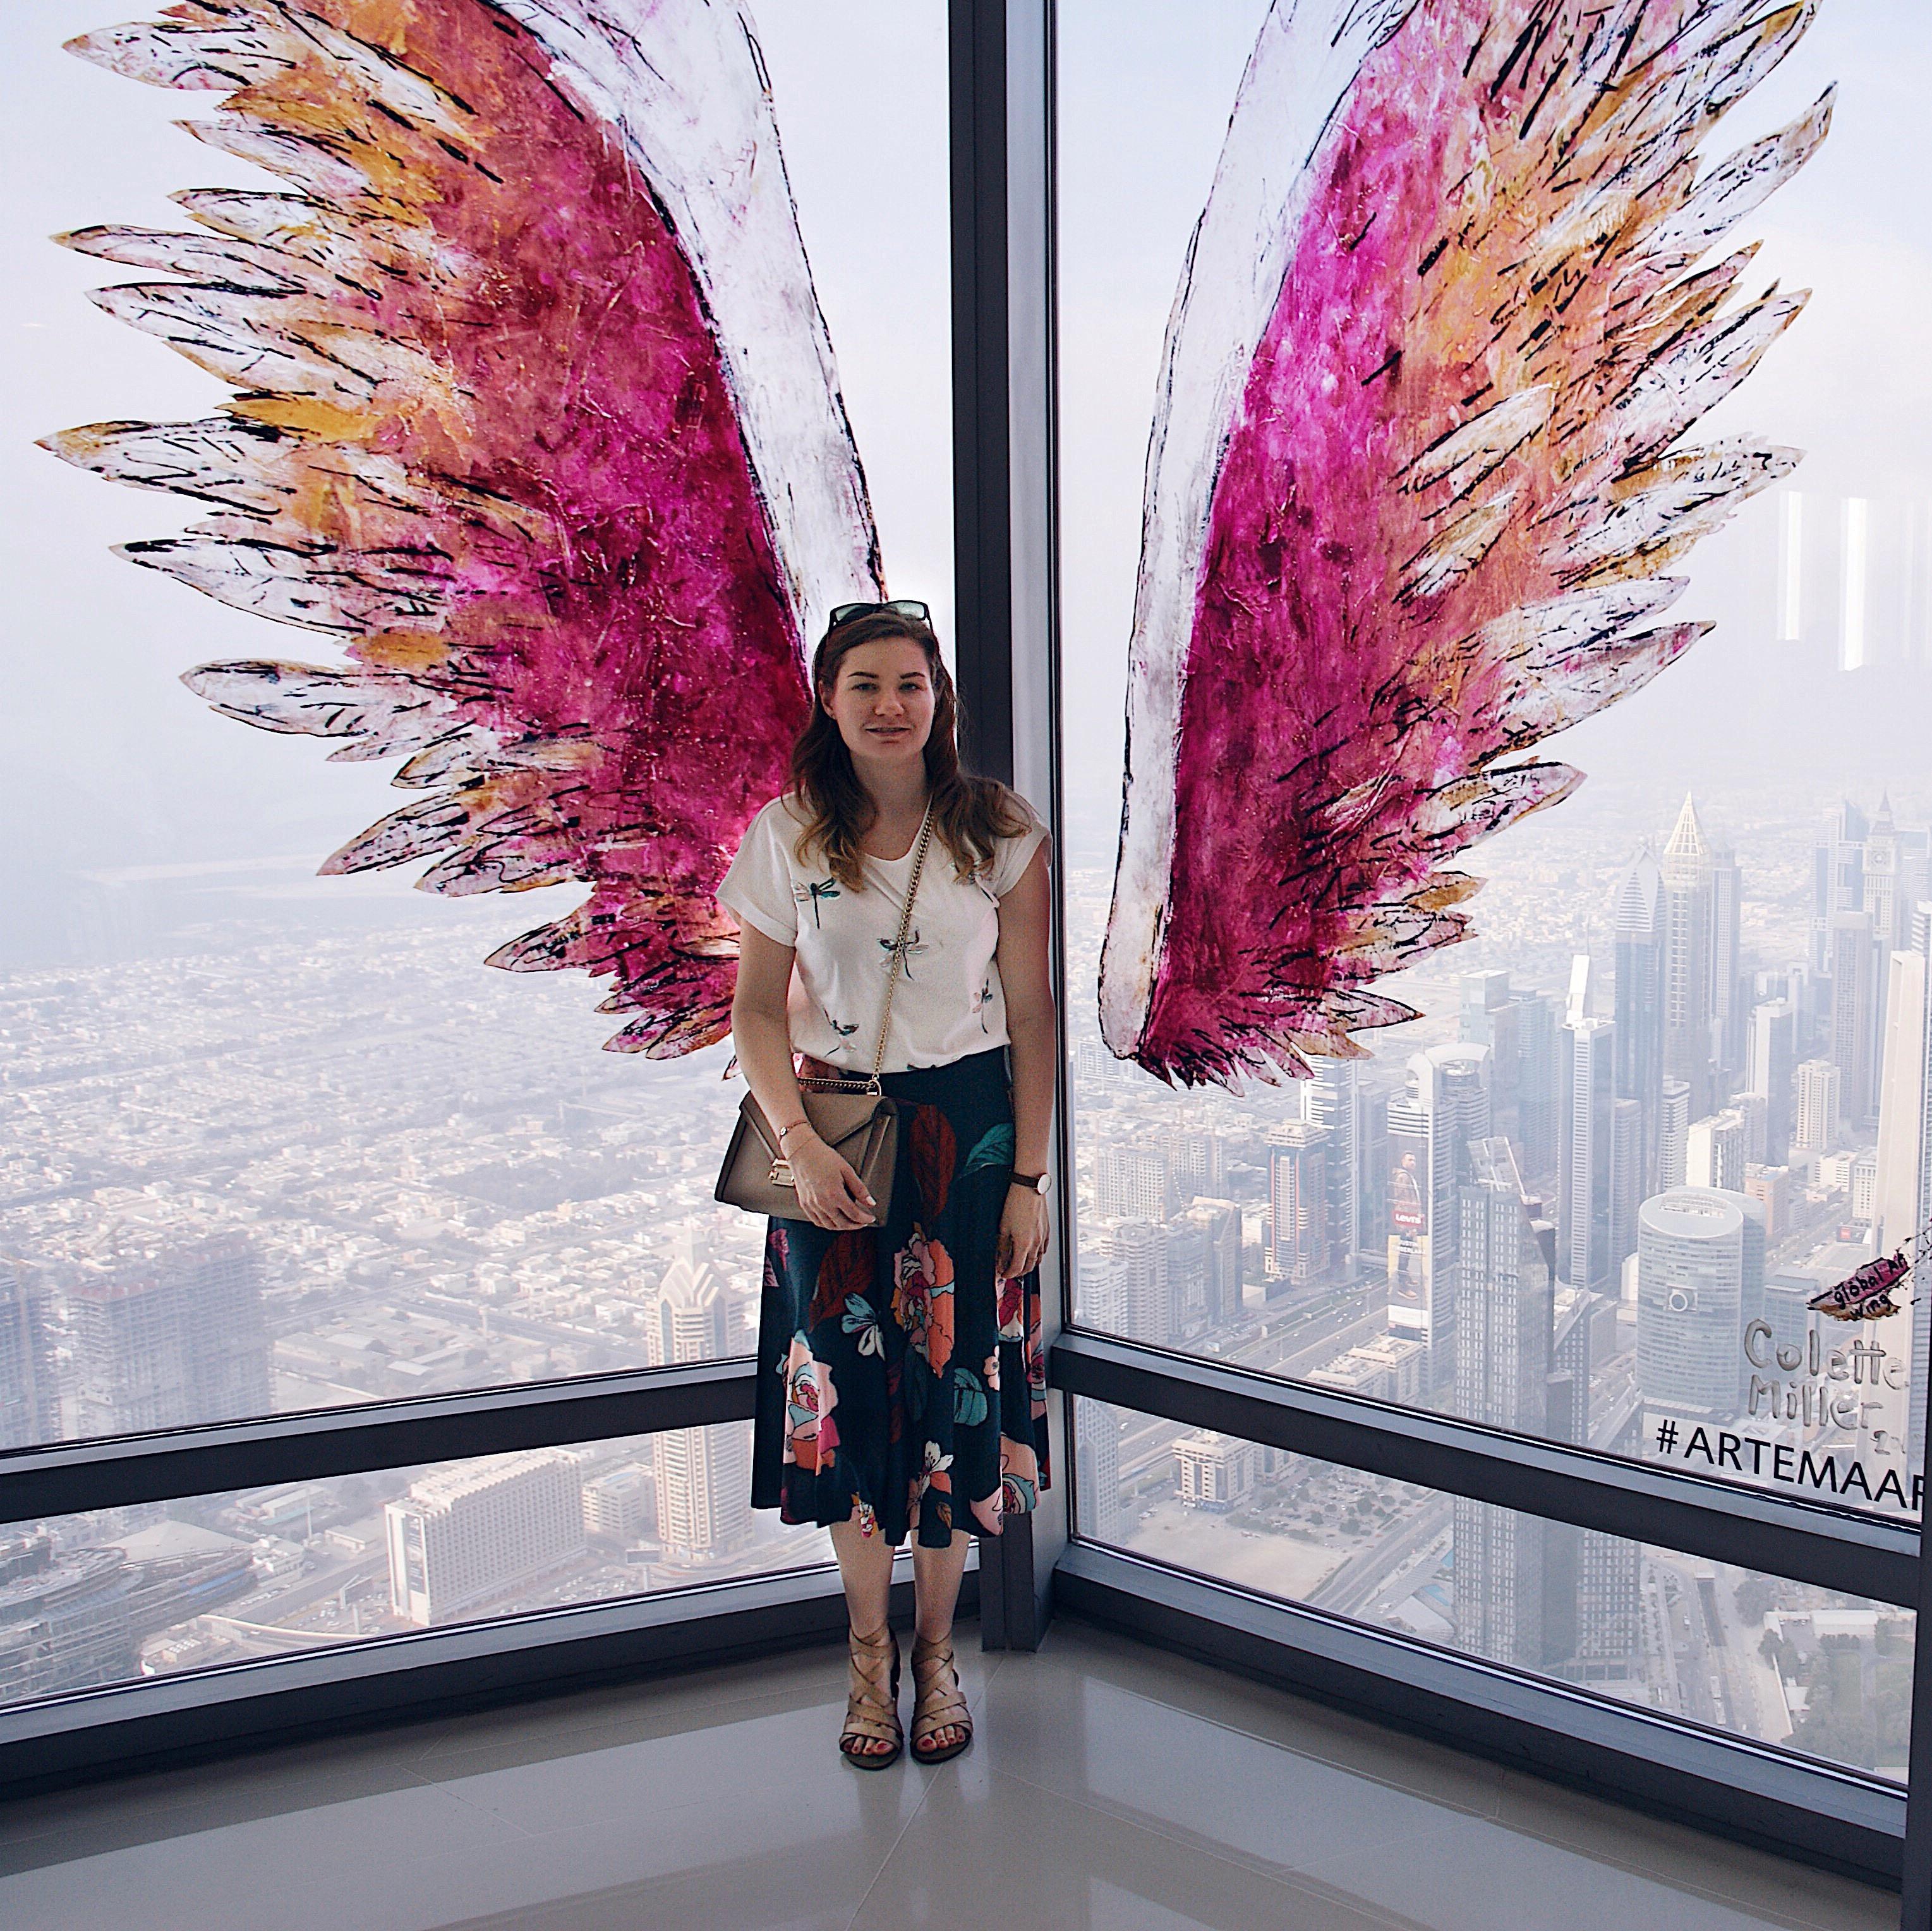 Dubai, Burj Khalifa, Wings